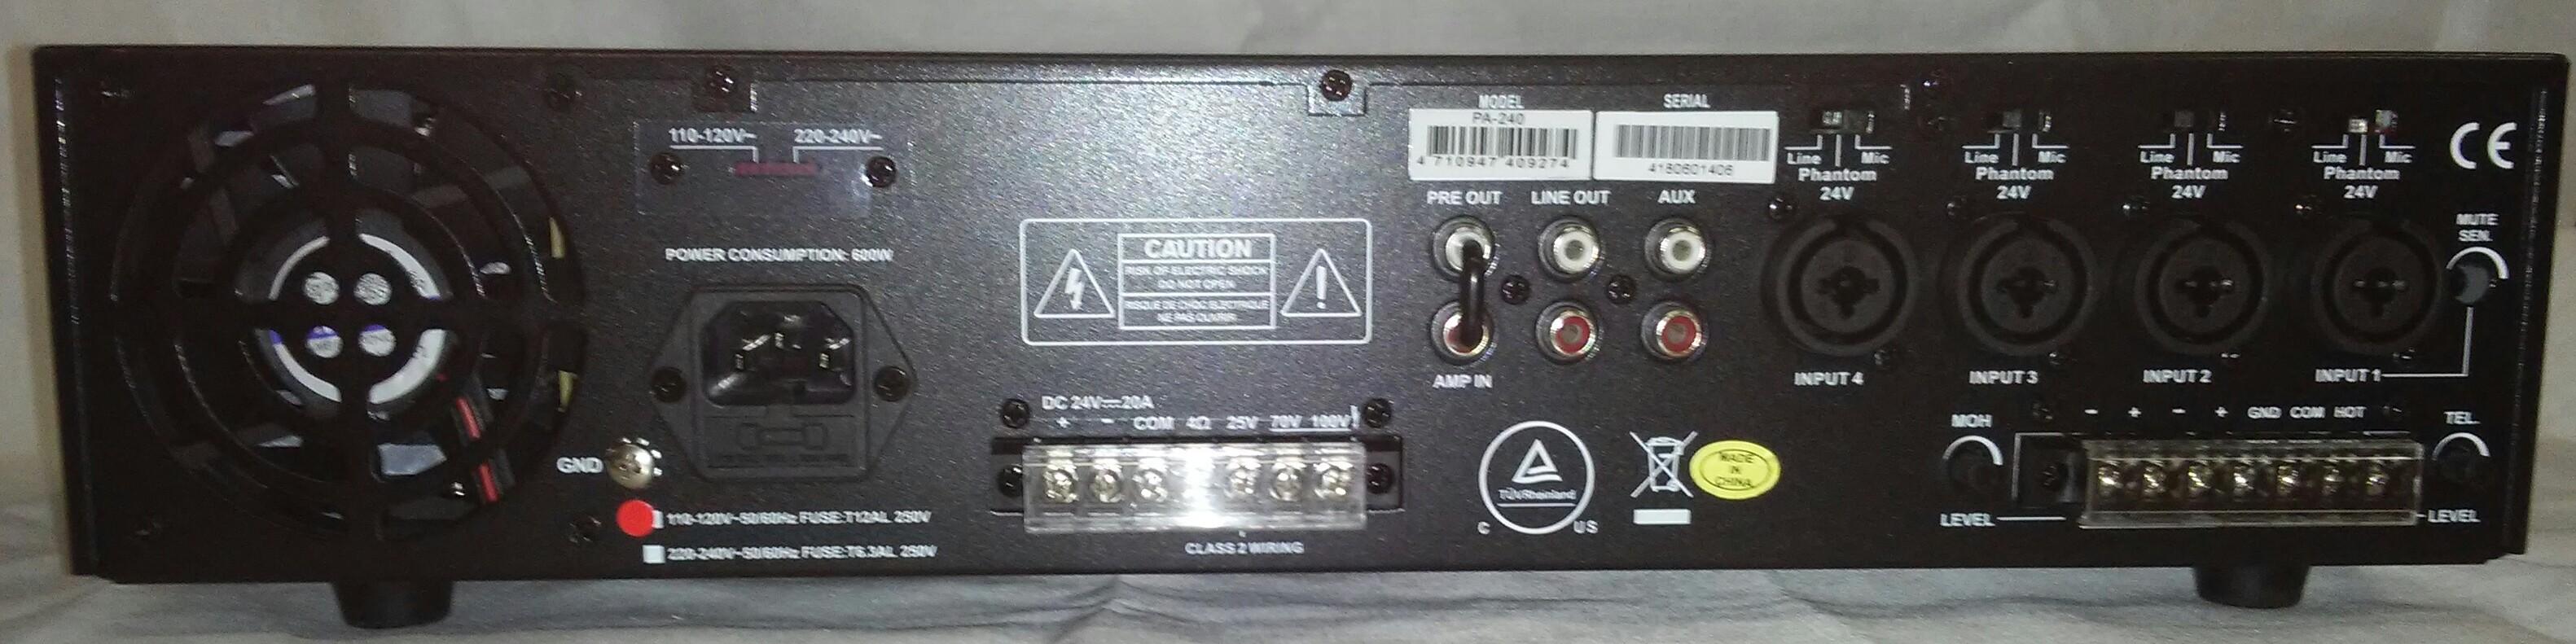 PA1240   240 Watt PA Mixer/Amplifier